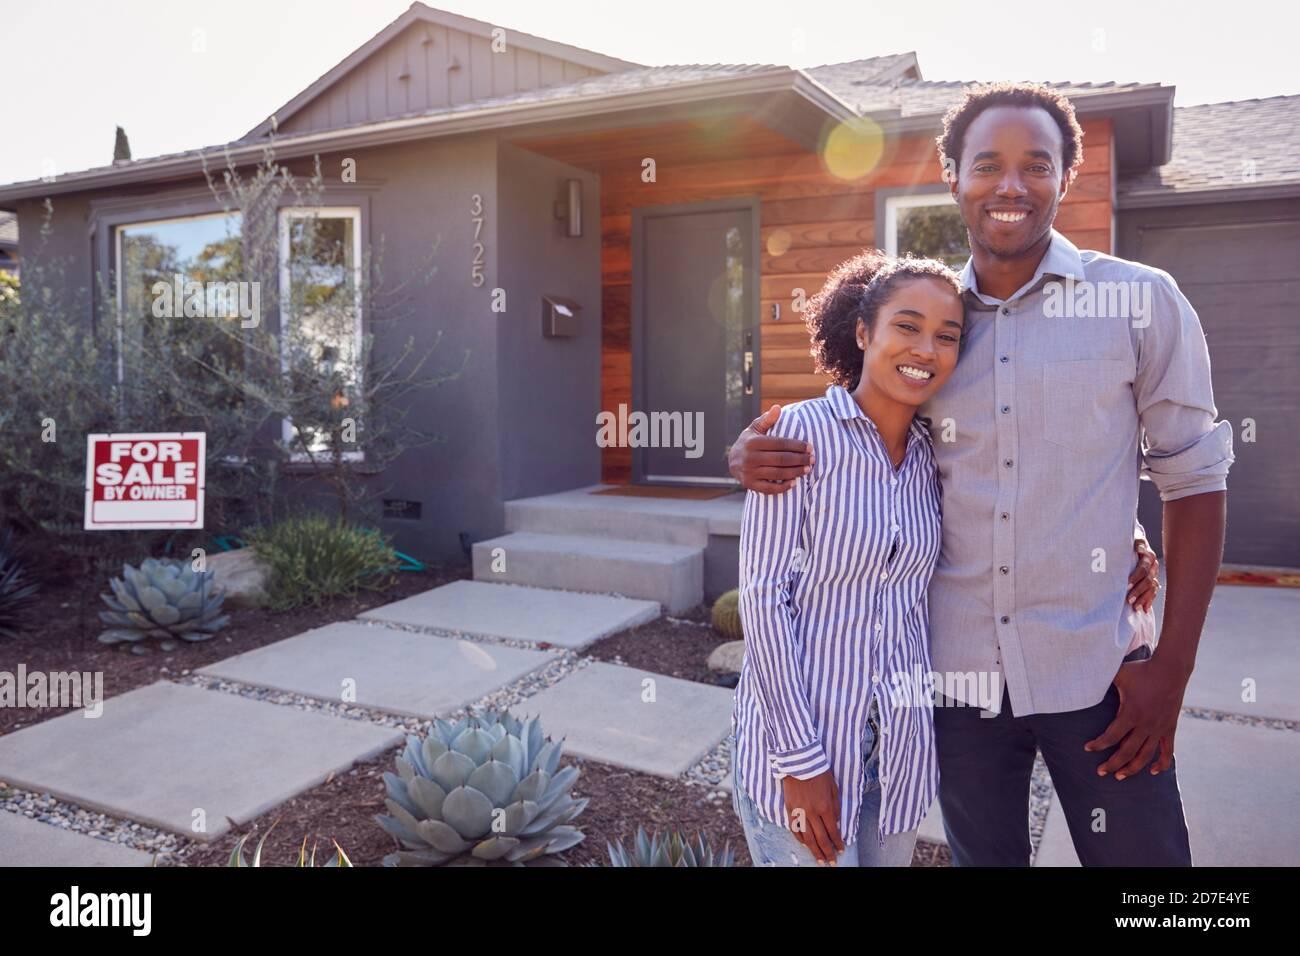 Portrait d'un couple souriant debout à l'extérieur devant la maison Avec enseigne à vendre dans le jardin Banque D'Images